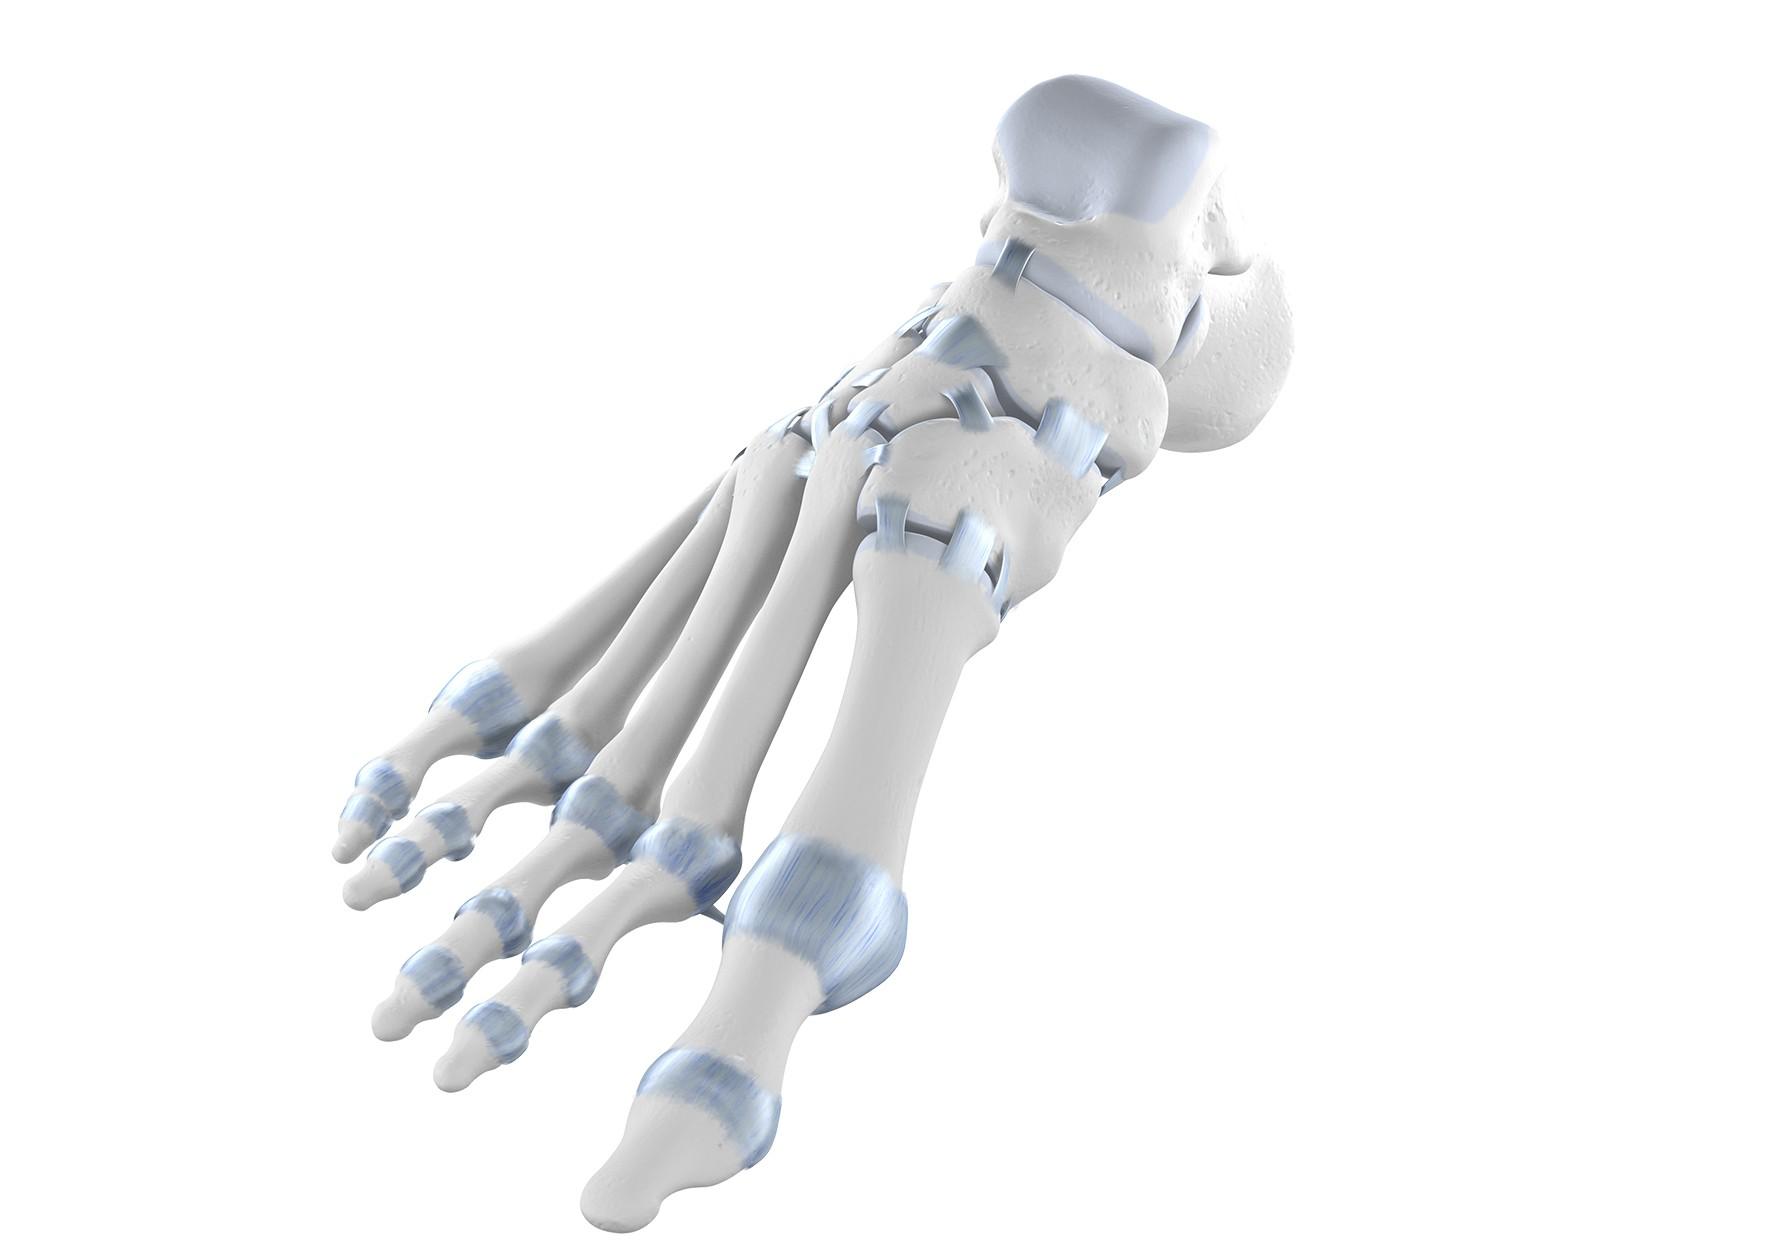 Ausgezeichnet Linker Fuß Anatomie Knochen Ideen - Menschliche ...